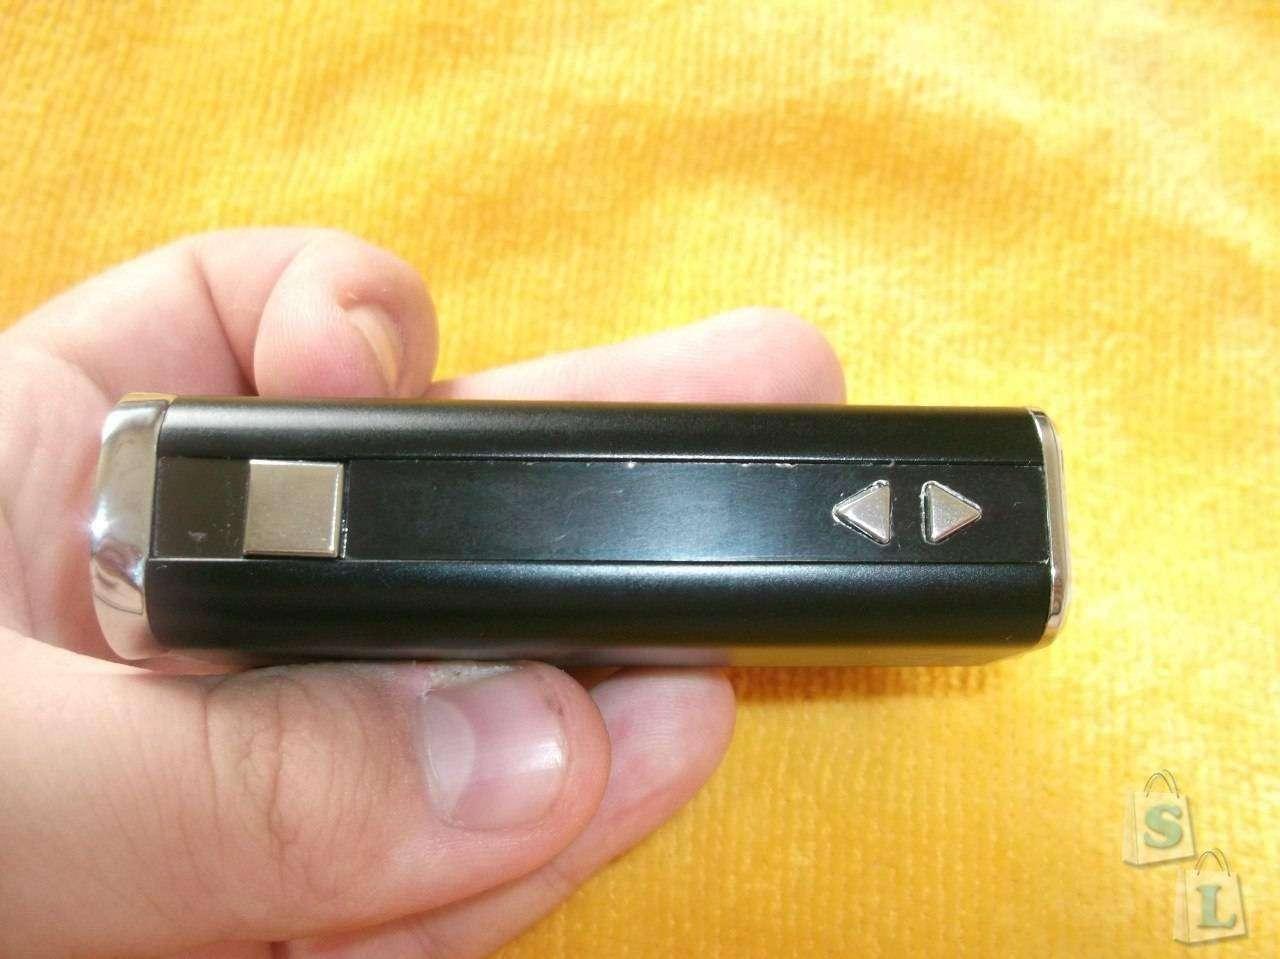 Cigabuy: Ещё один девайс для электронного парения. Istick 30w оригинал.